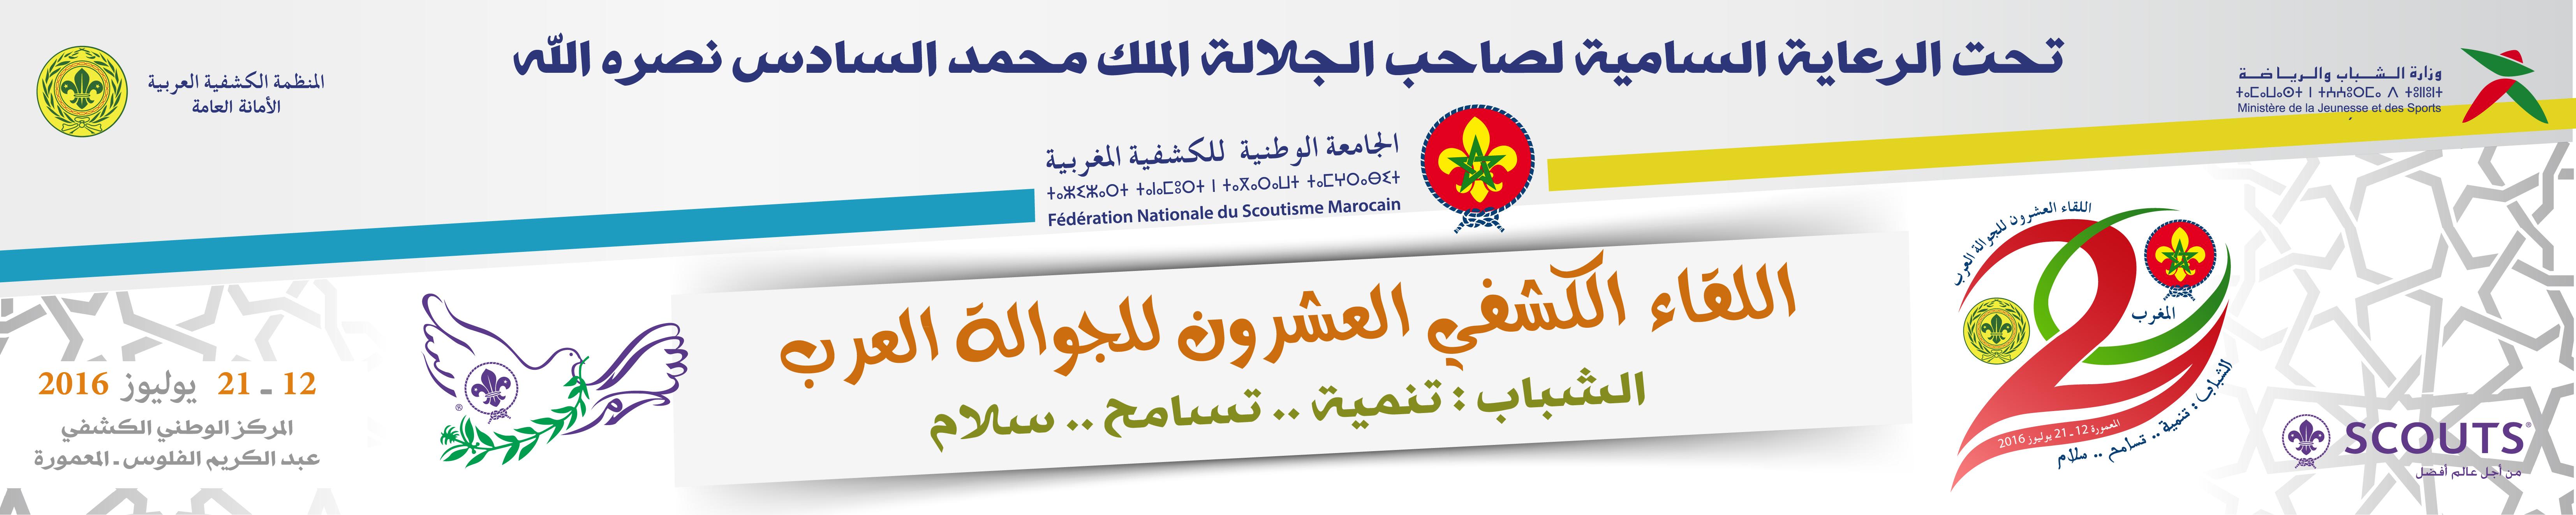 اللقاء العربي العشرون للجوالة